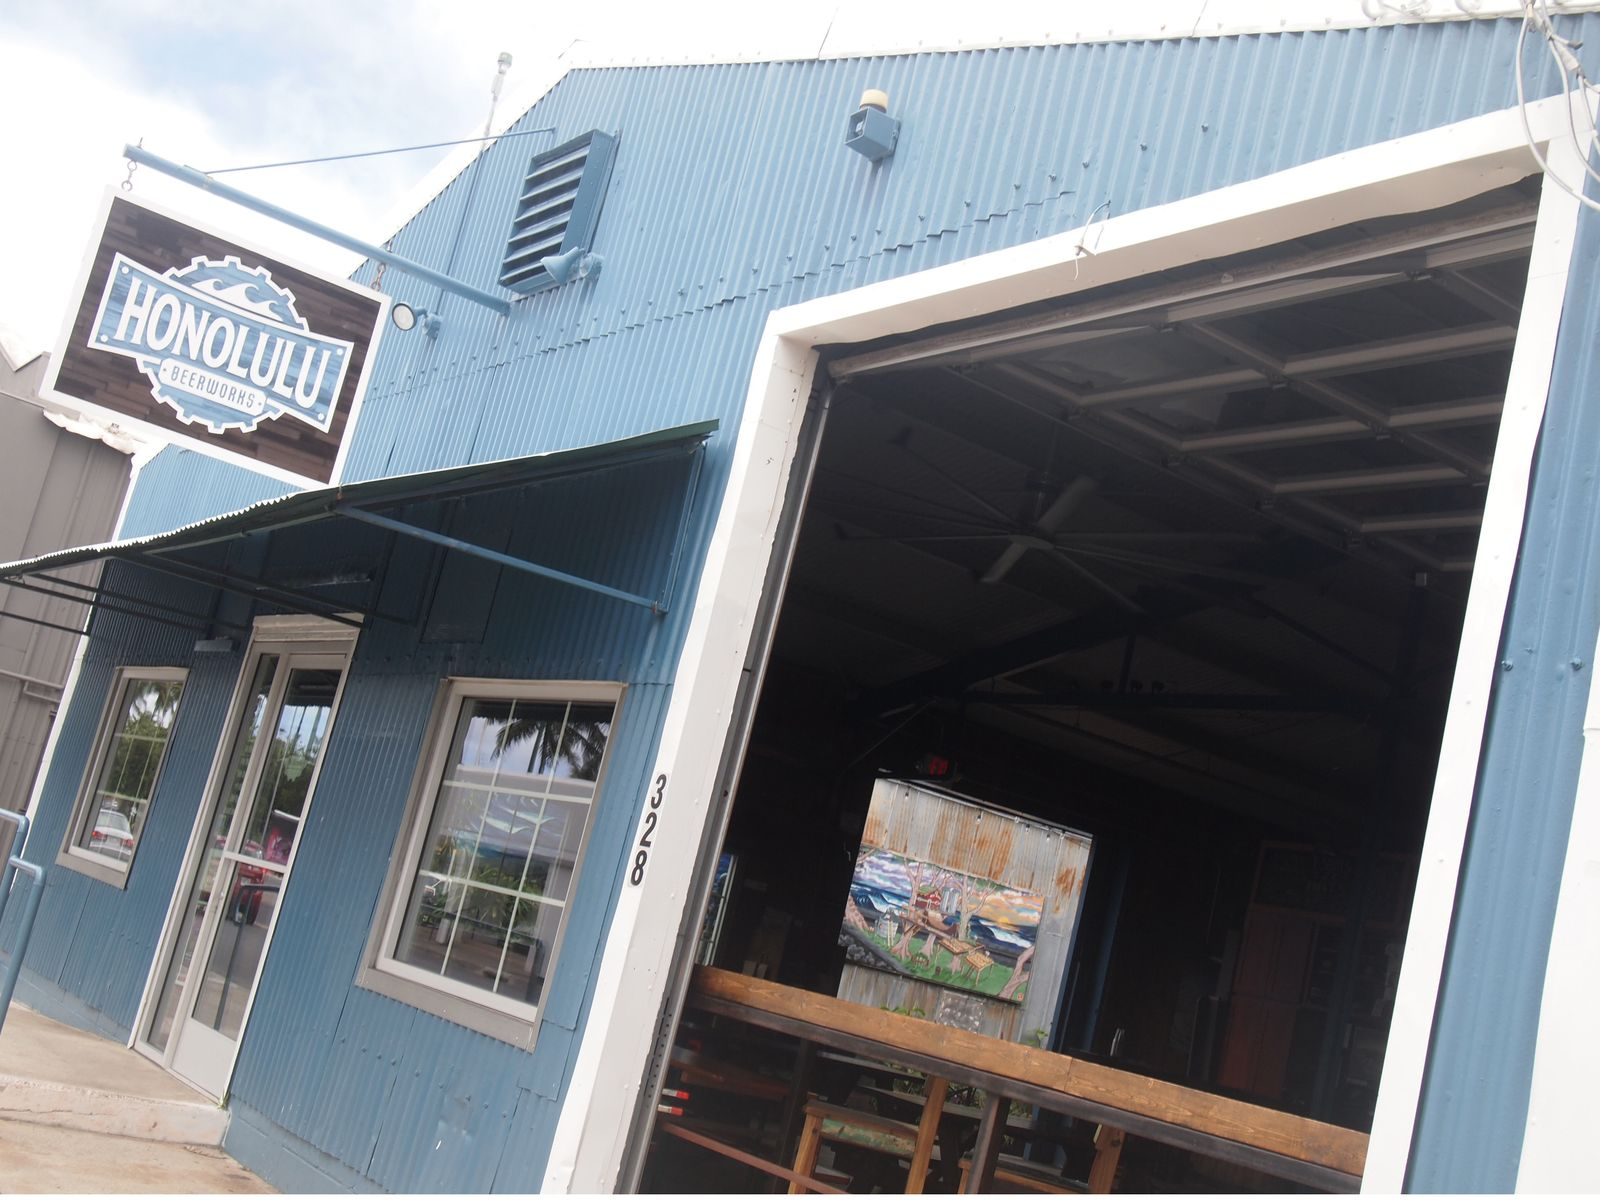 カカアコには、ブリュワリーを併設するビアホール「HONOLULU BEERWORKS」も!